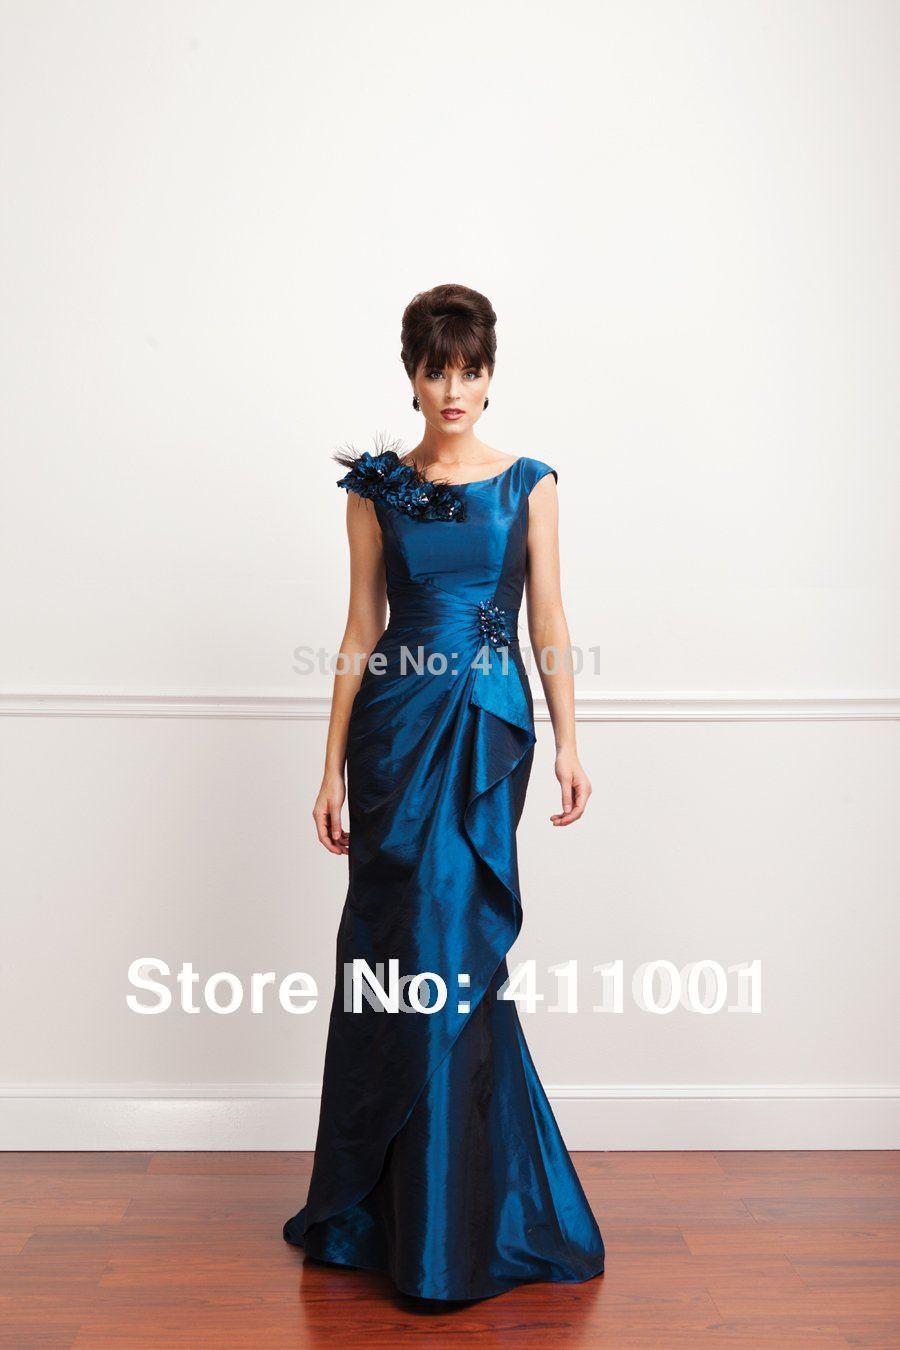 Taft pfauenblau erstaunliche meerjungfrau Boden- länge mutter der braut kleider stil abendkleid 0 2 4 6 8 10 12 14 16 18